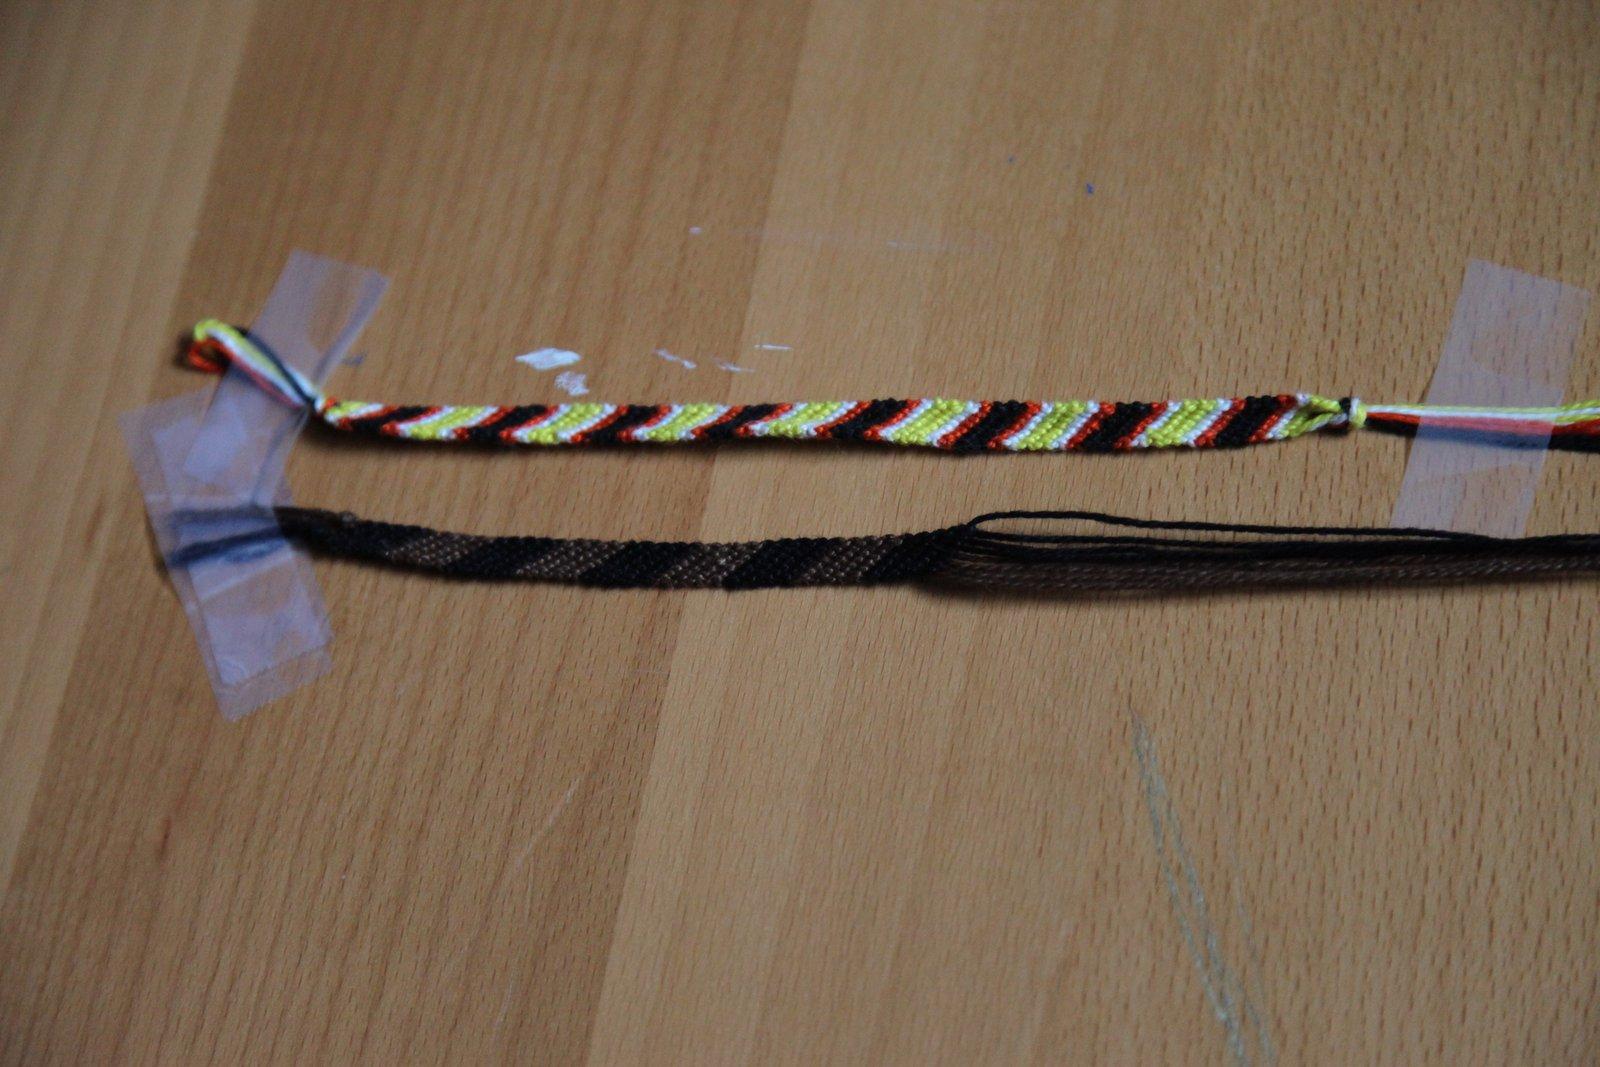 Medium size bracelets